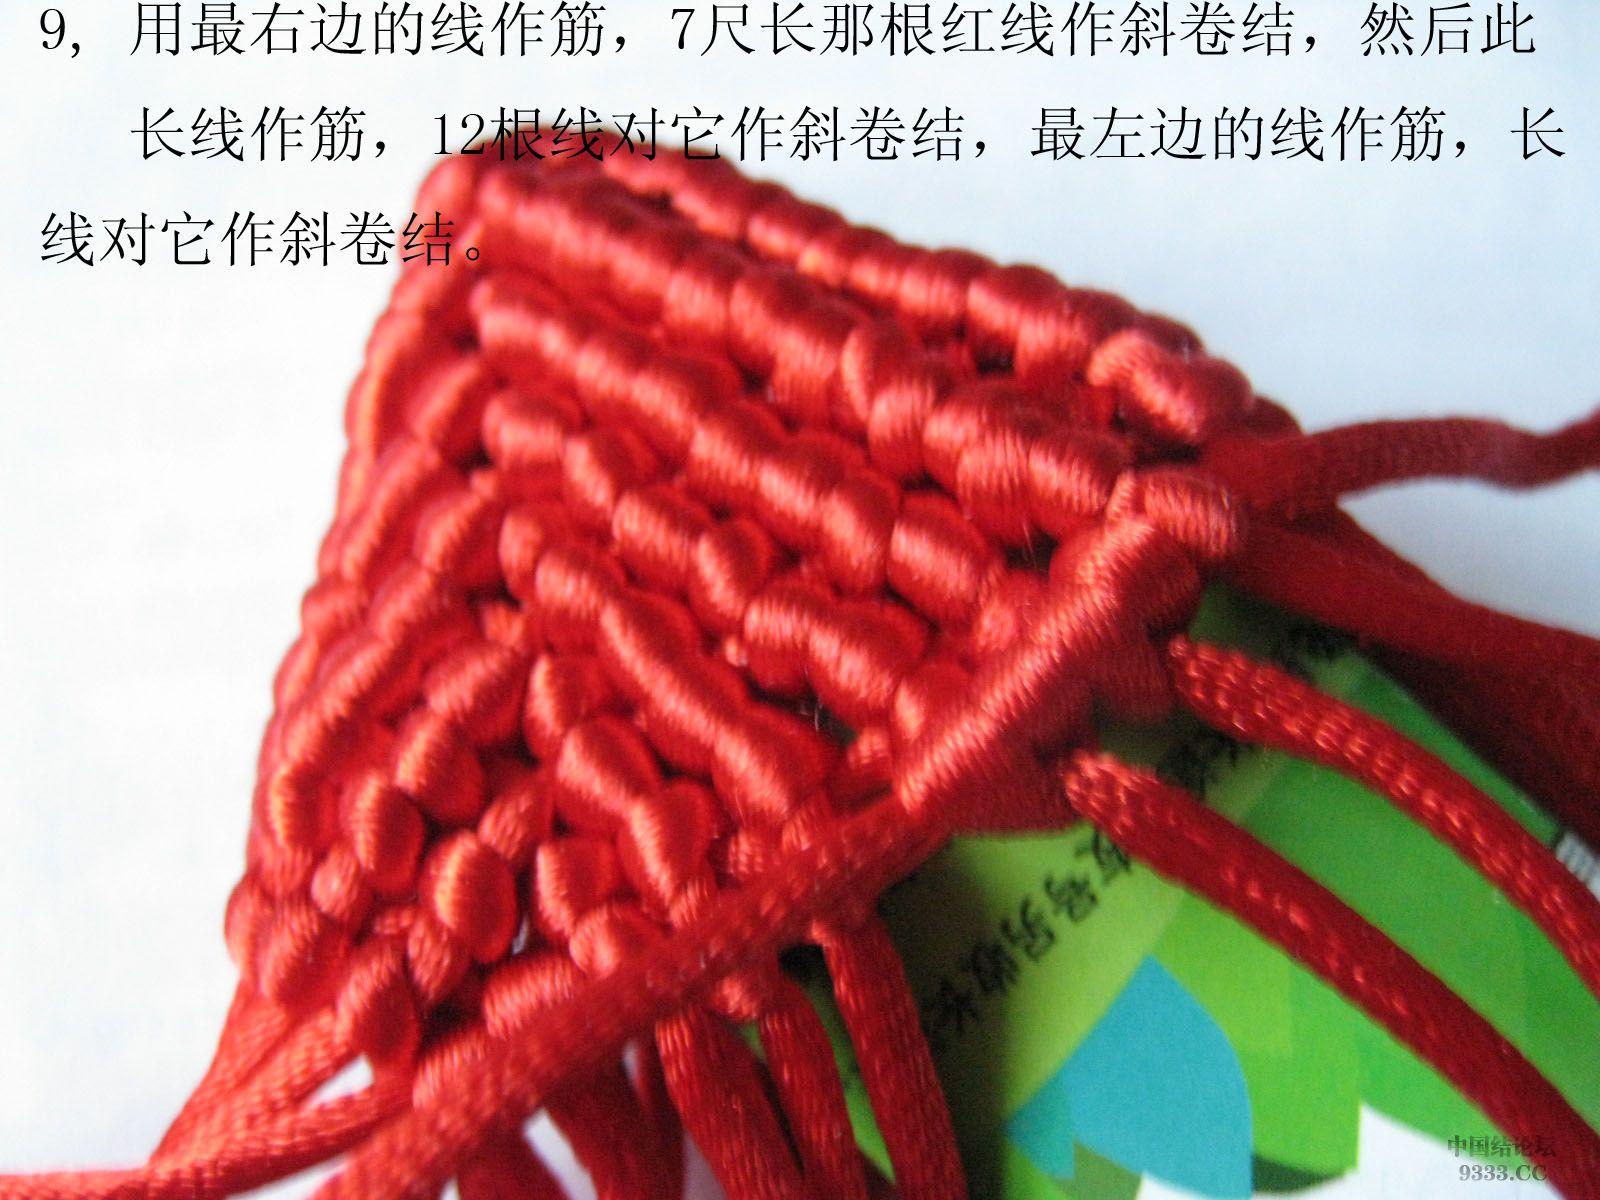 中国结论坛 我发一个鲤鱼教程  立体绳结教程与交流区 0909160711f545da9e78749865